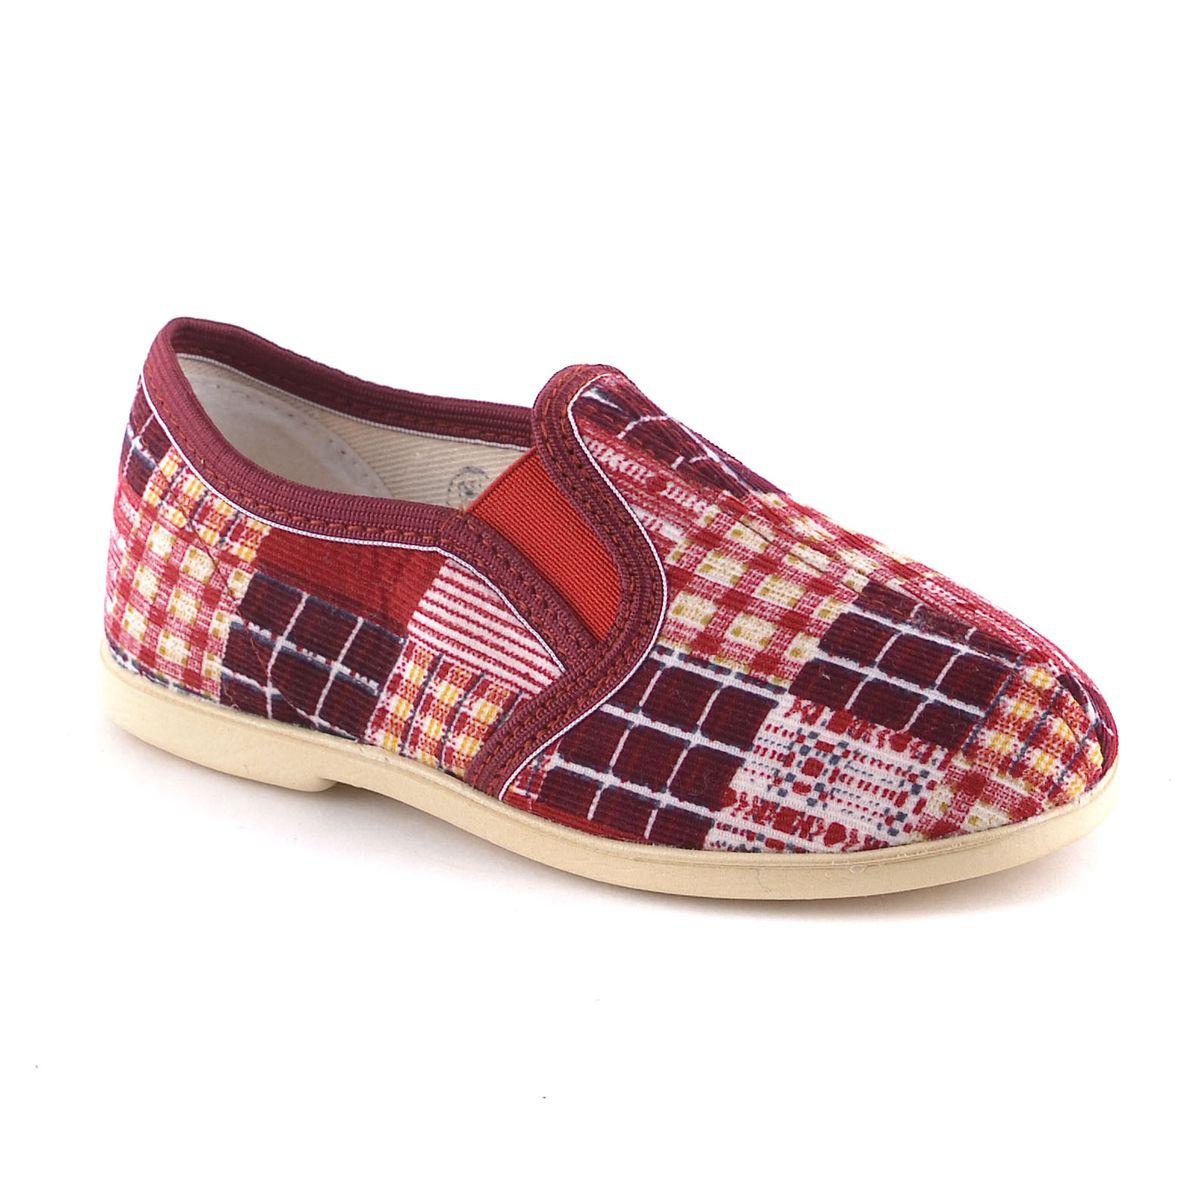 299-1в2Лёгкие домашние туфли. Для верха обуви использован вельвет,подкладка и стелька- байка, подошва-ЭВА. Главная отличительная особенность - усиленный задник, который препятствует вертикальной деформации и вылеганию задней части верха в процессе носки.